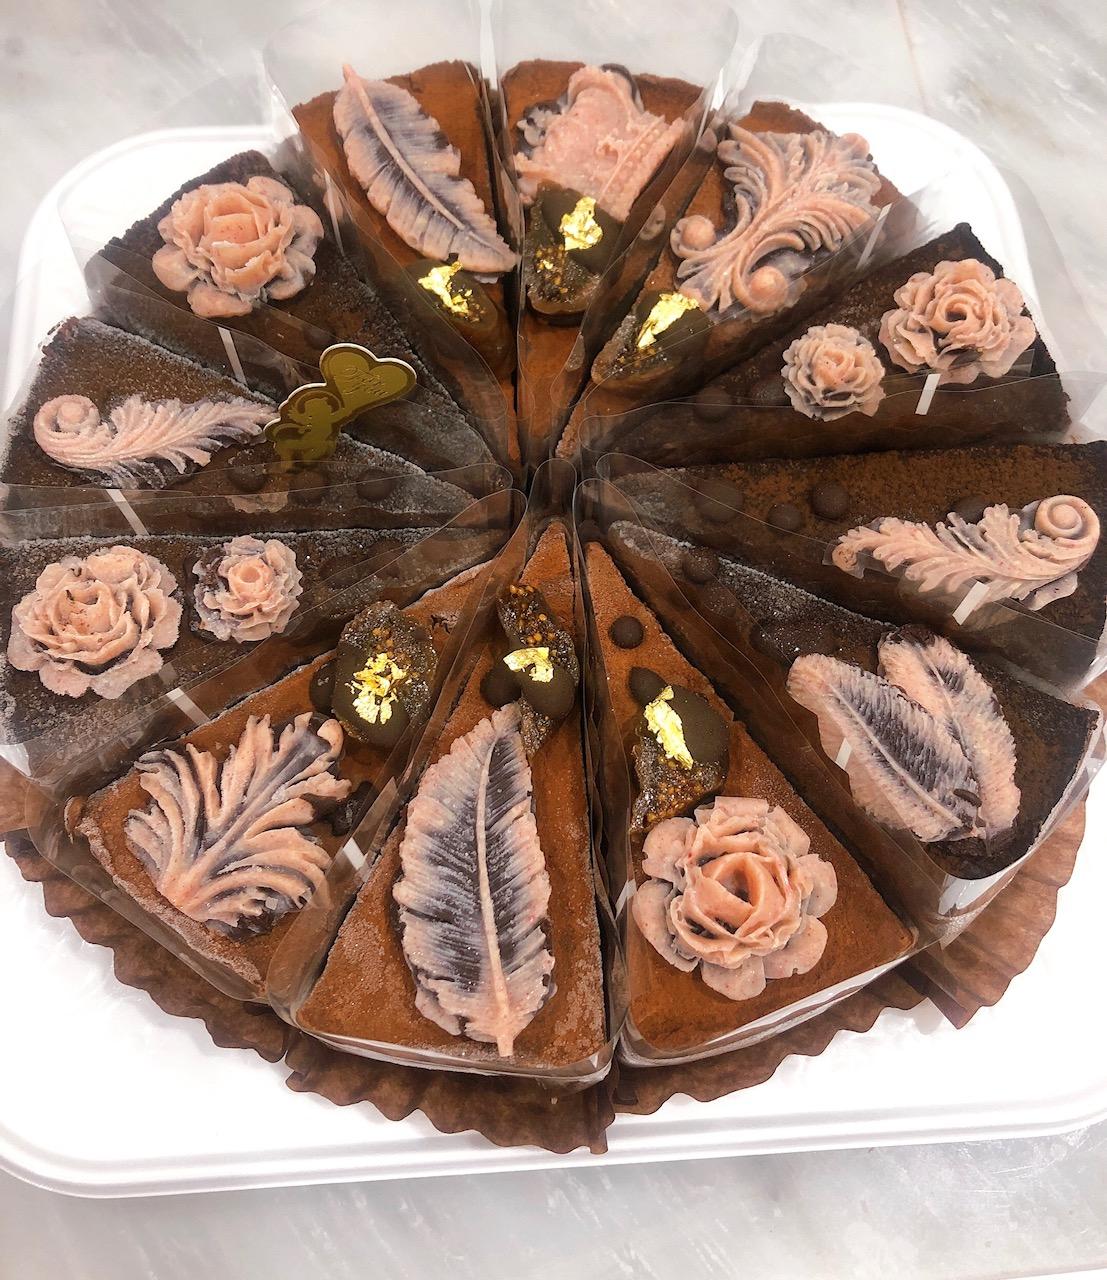 ≪Organic Rawケーキ≫ 濃厚クラシックチョコレートケーキ (天使の微笑み)18cmホール12カット